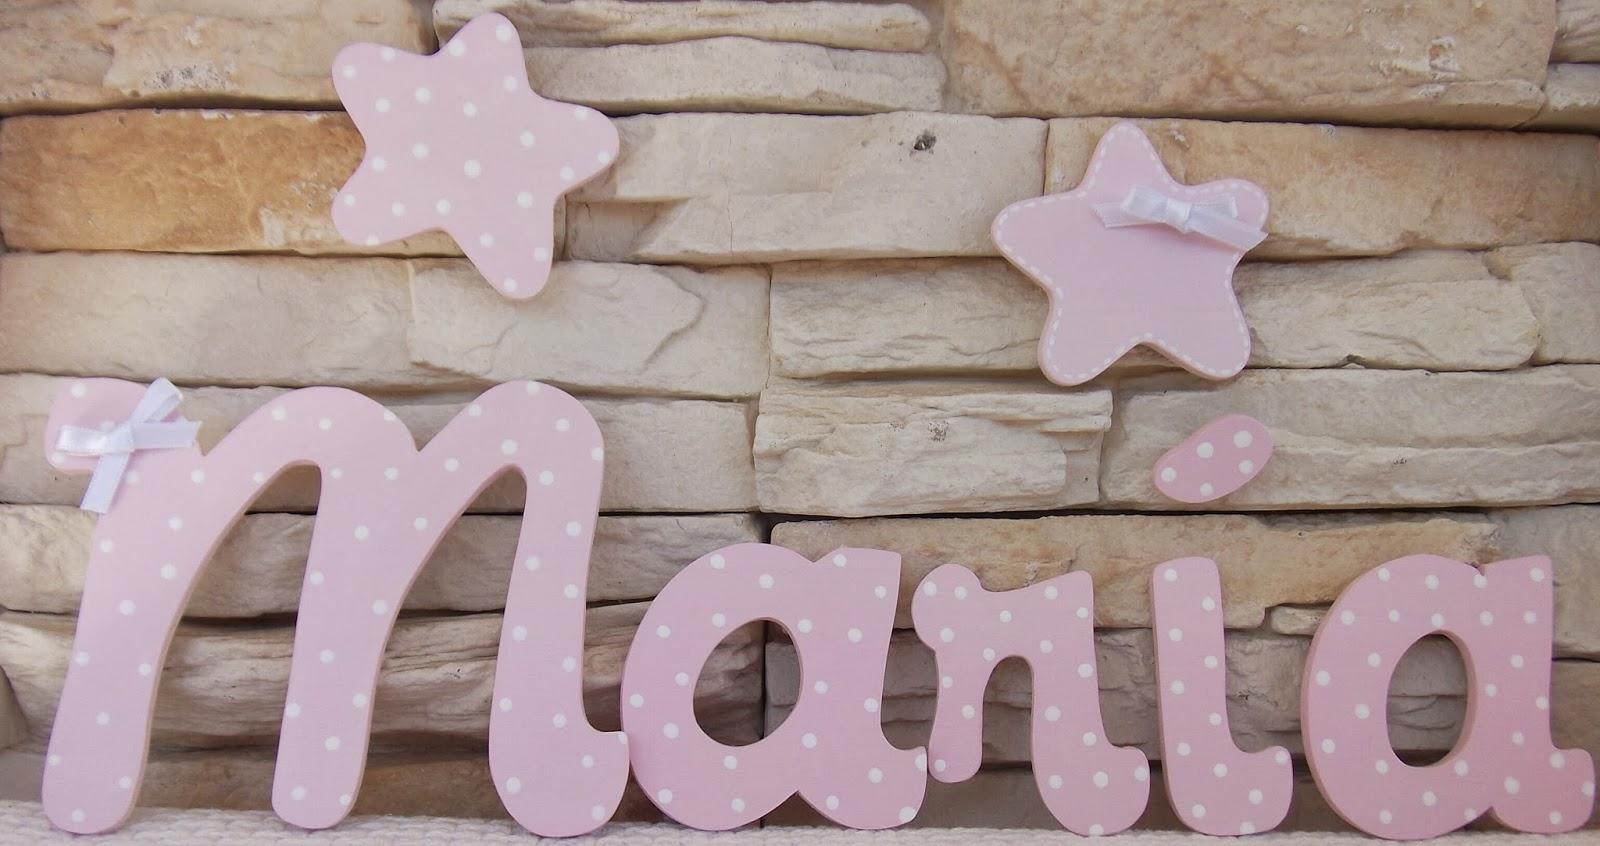 Letras bebe decoracion ms de ideas increbles sobre letras - Casa letras madera ...